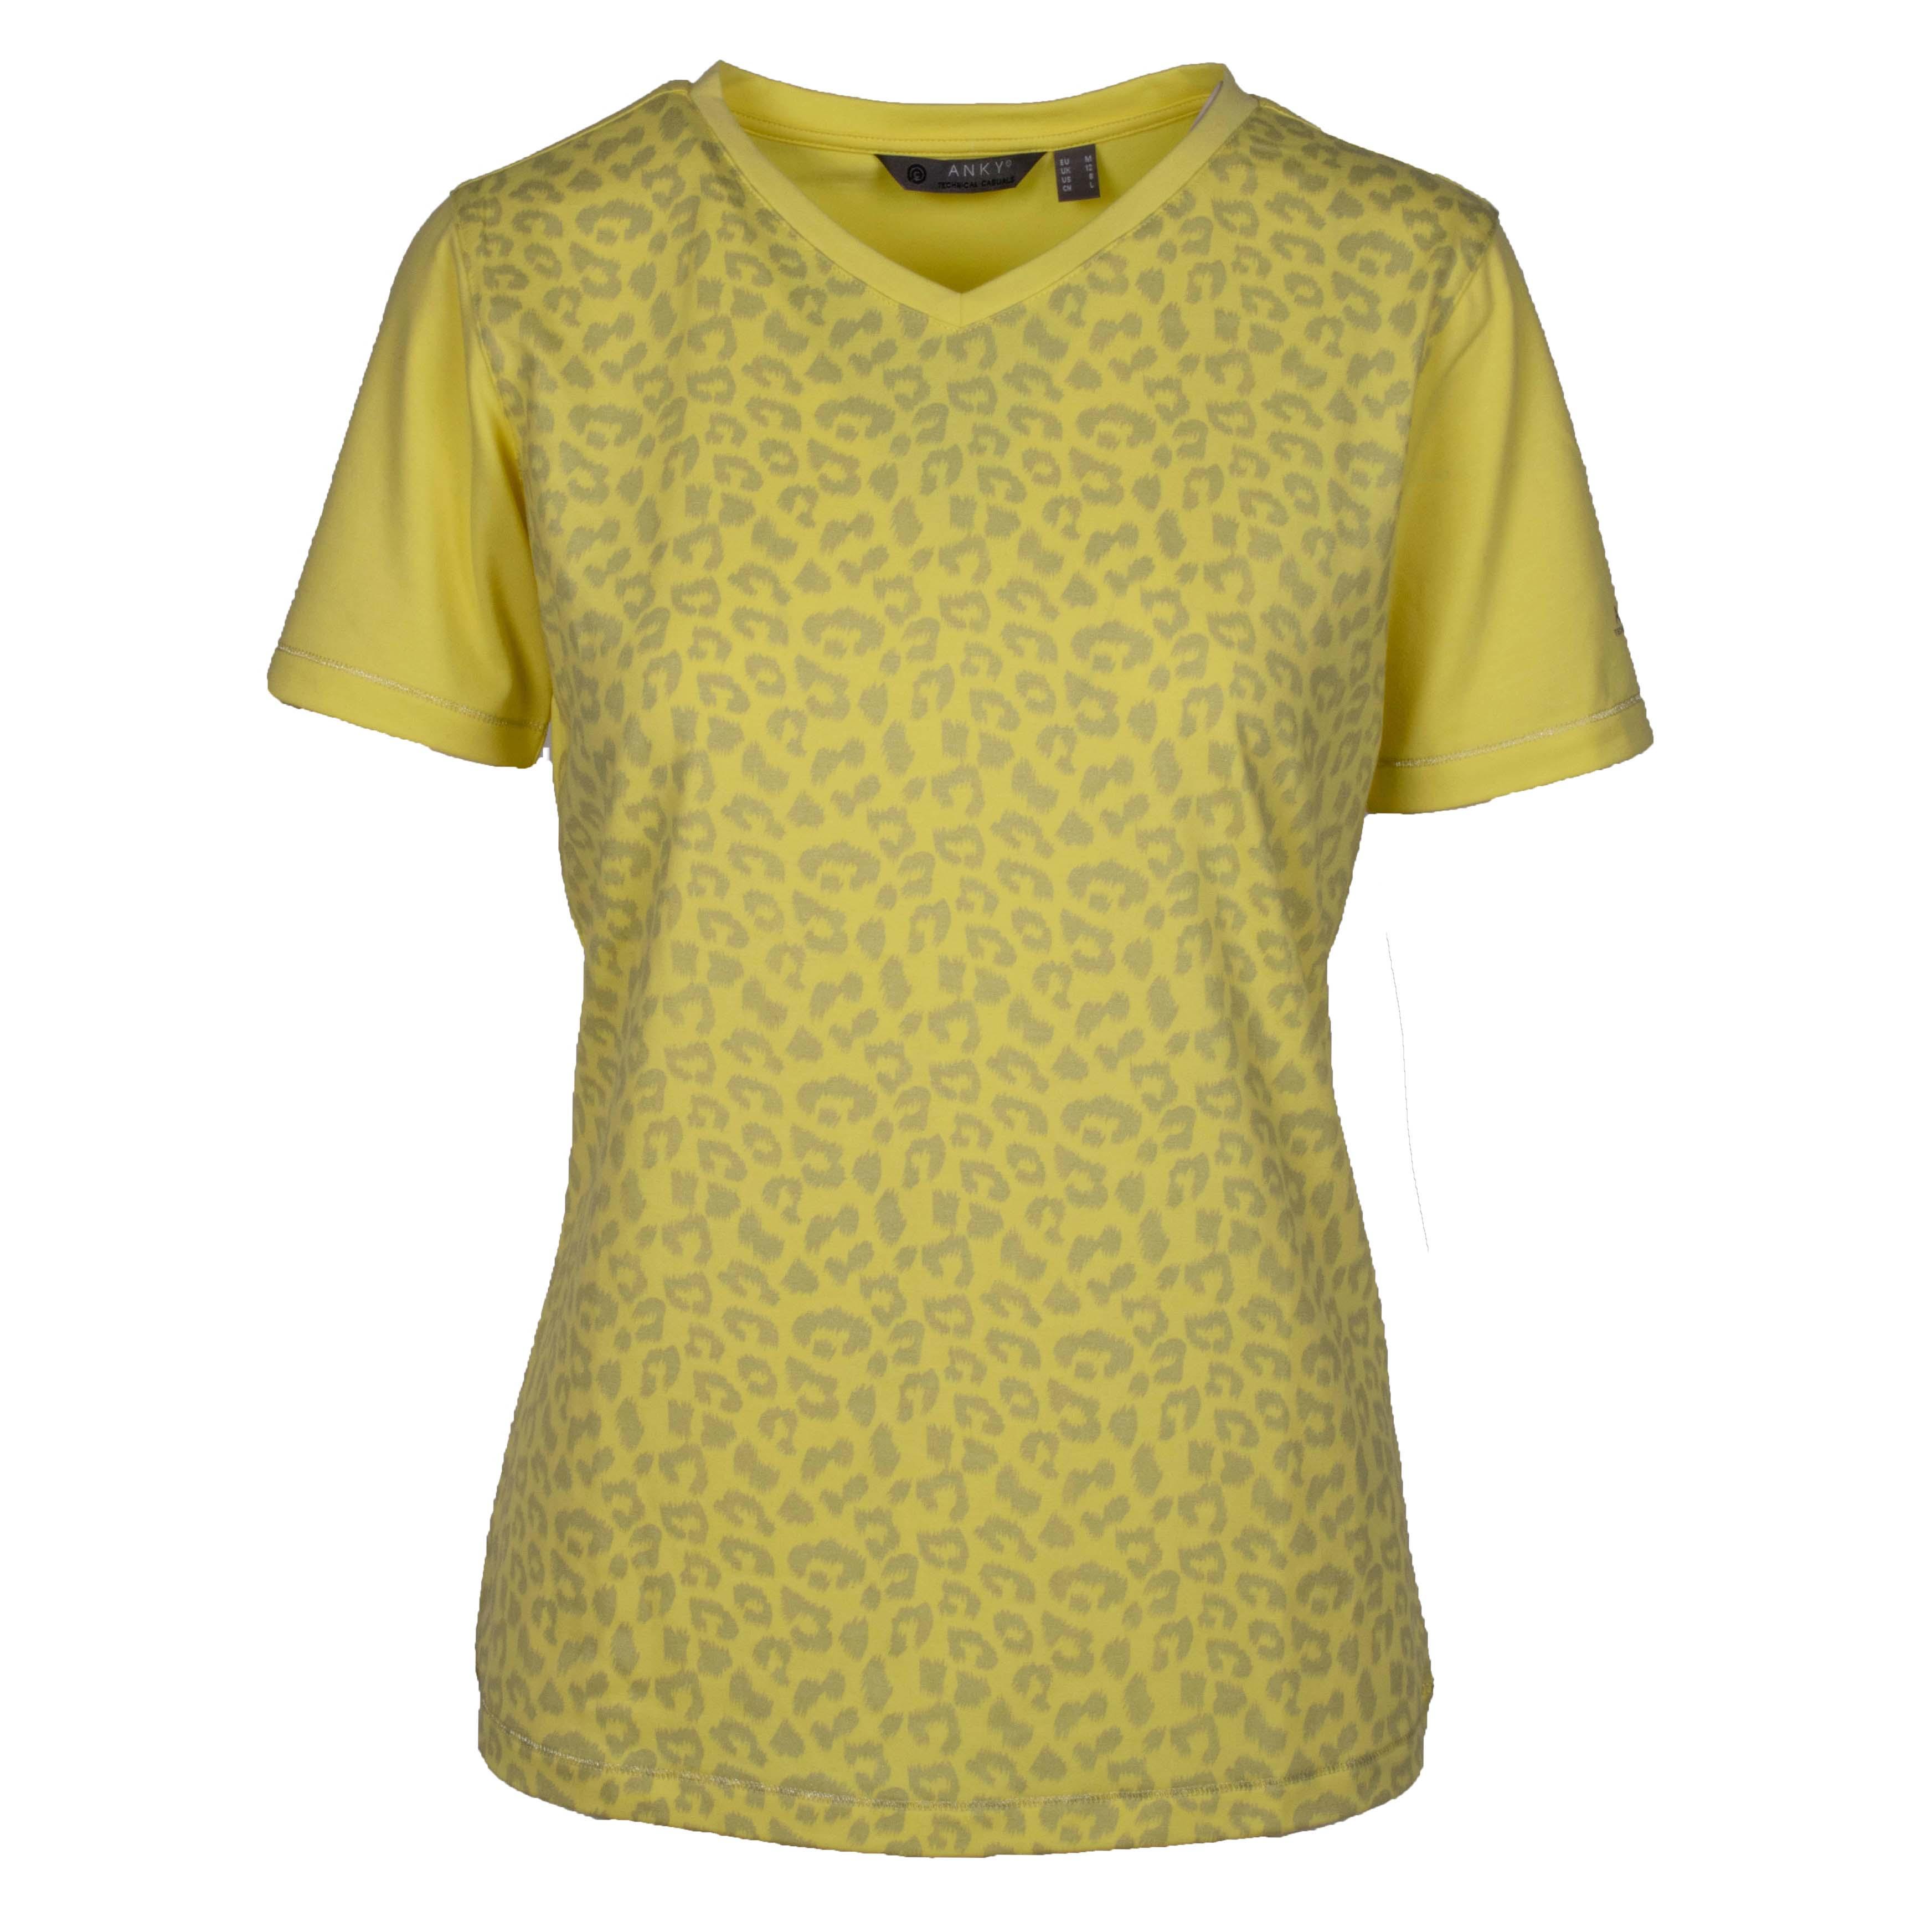 ANKY T-Shirt Printed ATC211301 geel maat:s